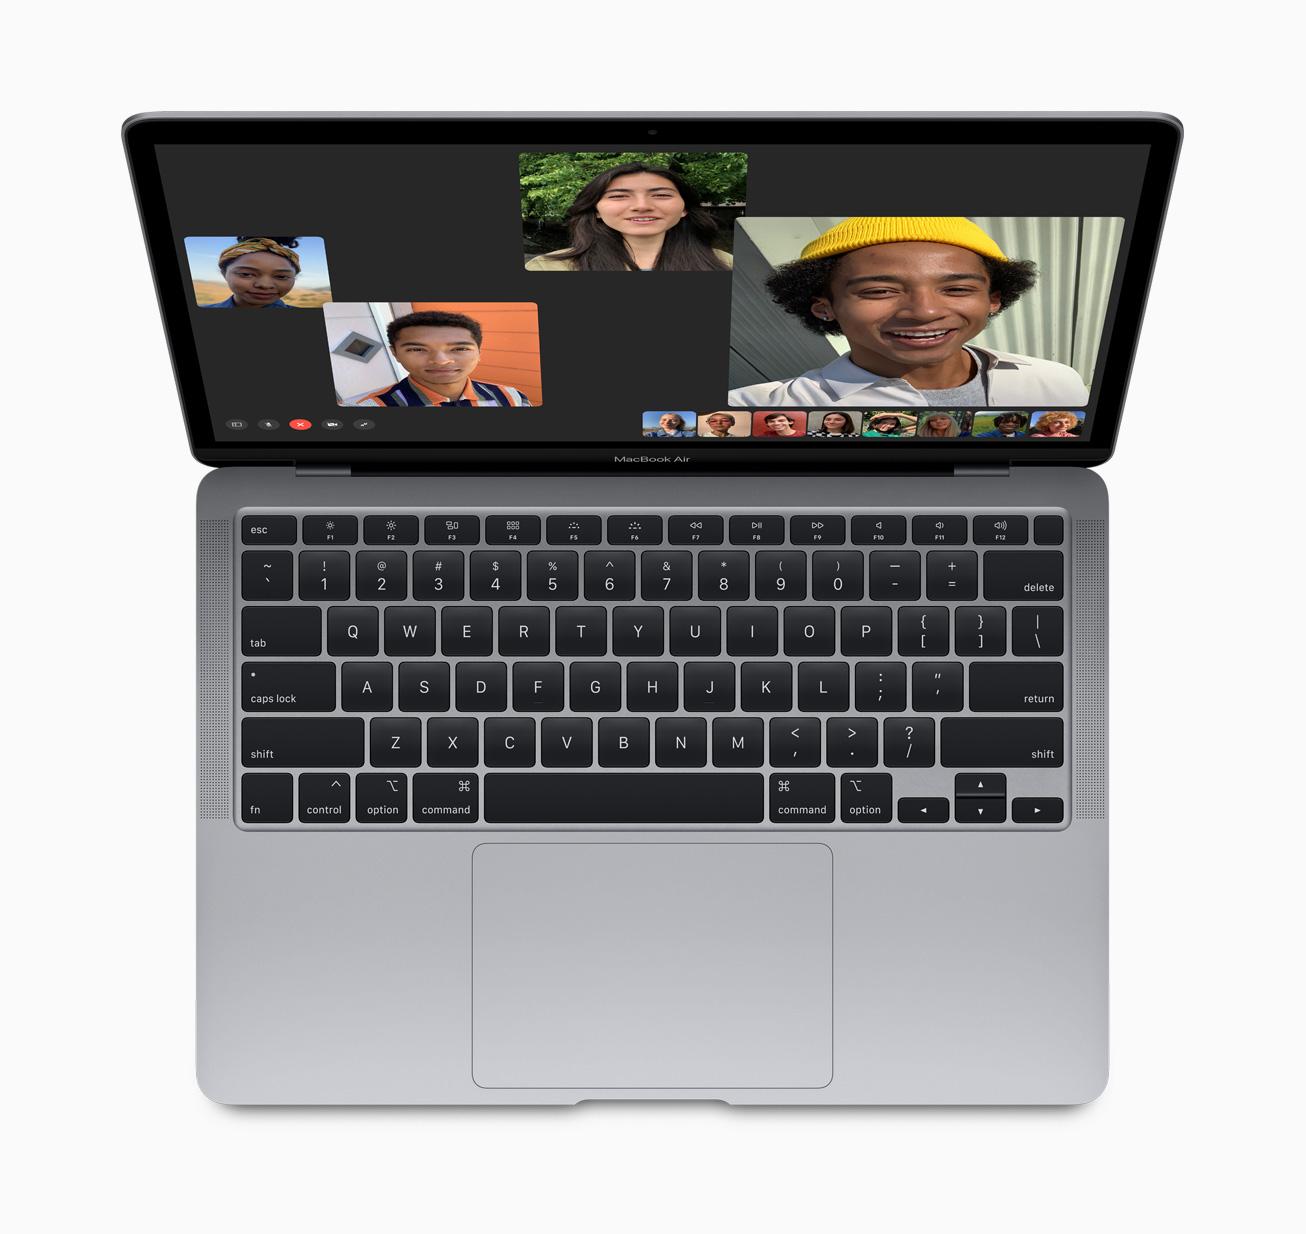 MacBook Air มาพร้อมลำโพงสเตอริโอชั้นสูงเพื่อเสียงสเตอริโอที่กว้างและเต็มอิ่ม พร้อมด้วยชุดไมโครโฟน 3 ตัวเพื่อเสียงที่คมชัดยิ่งขึ้น ขณะโทร FaceTime